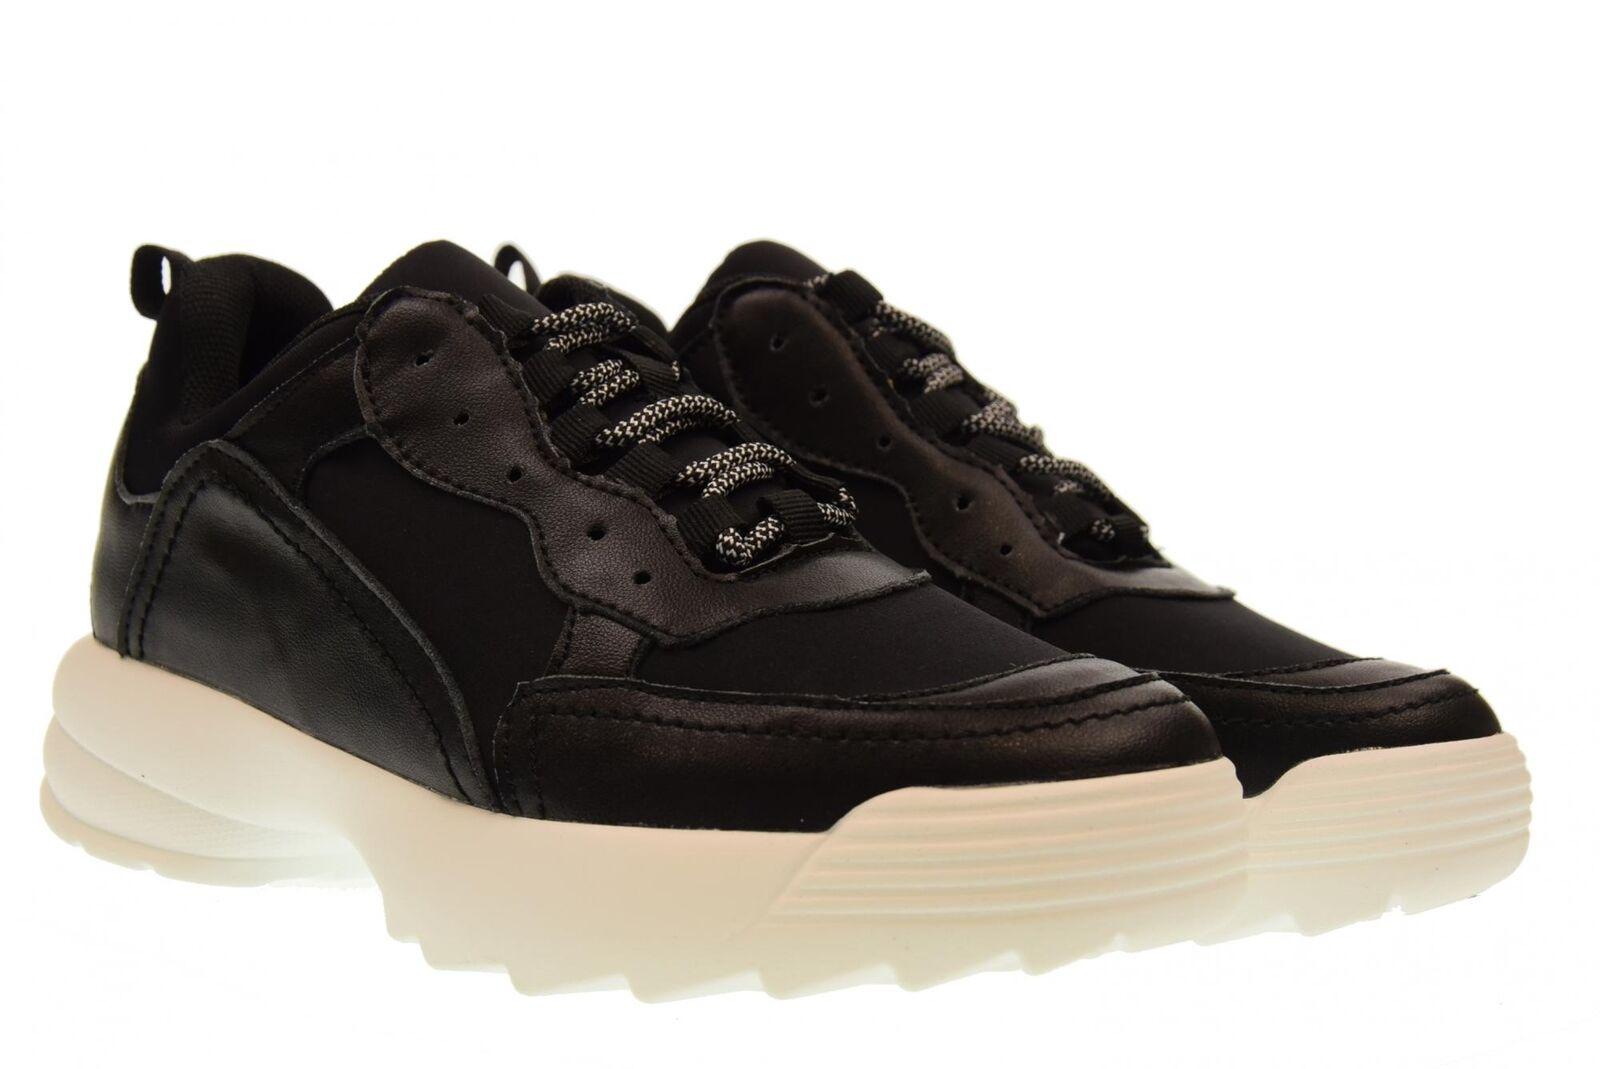 oro & oro a18g Zapatos señora bajas zapatillas de deporte con plataforma gt531 negro